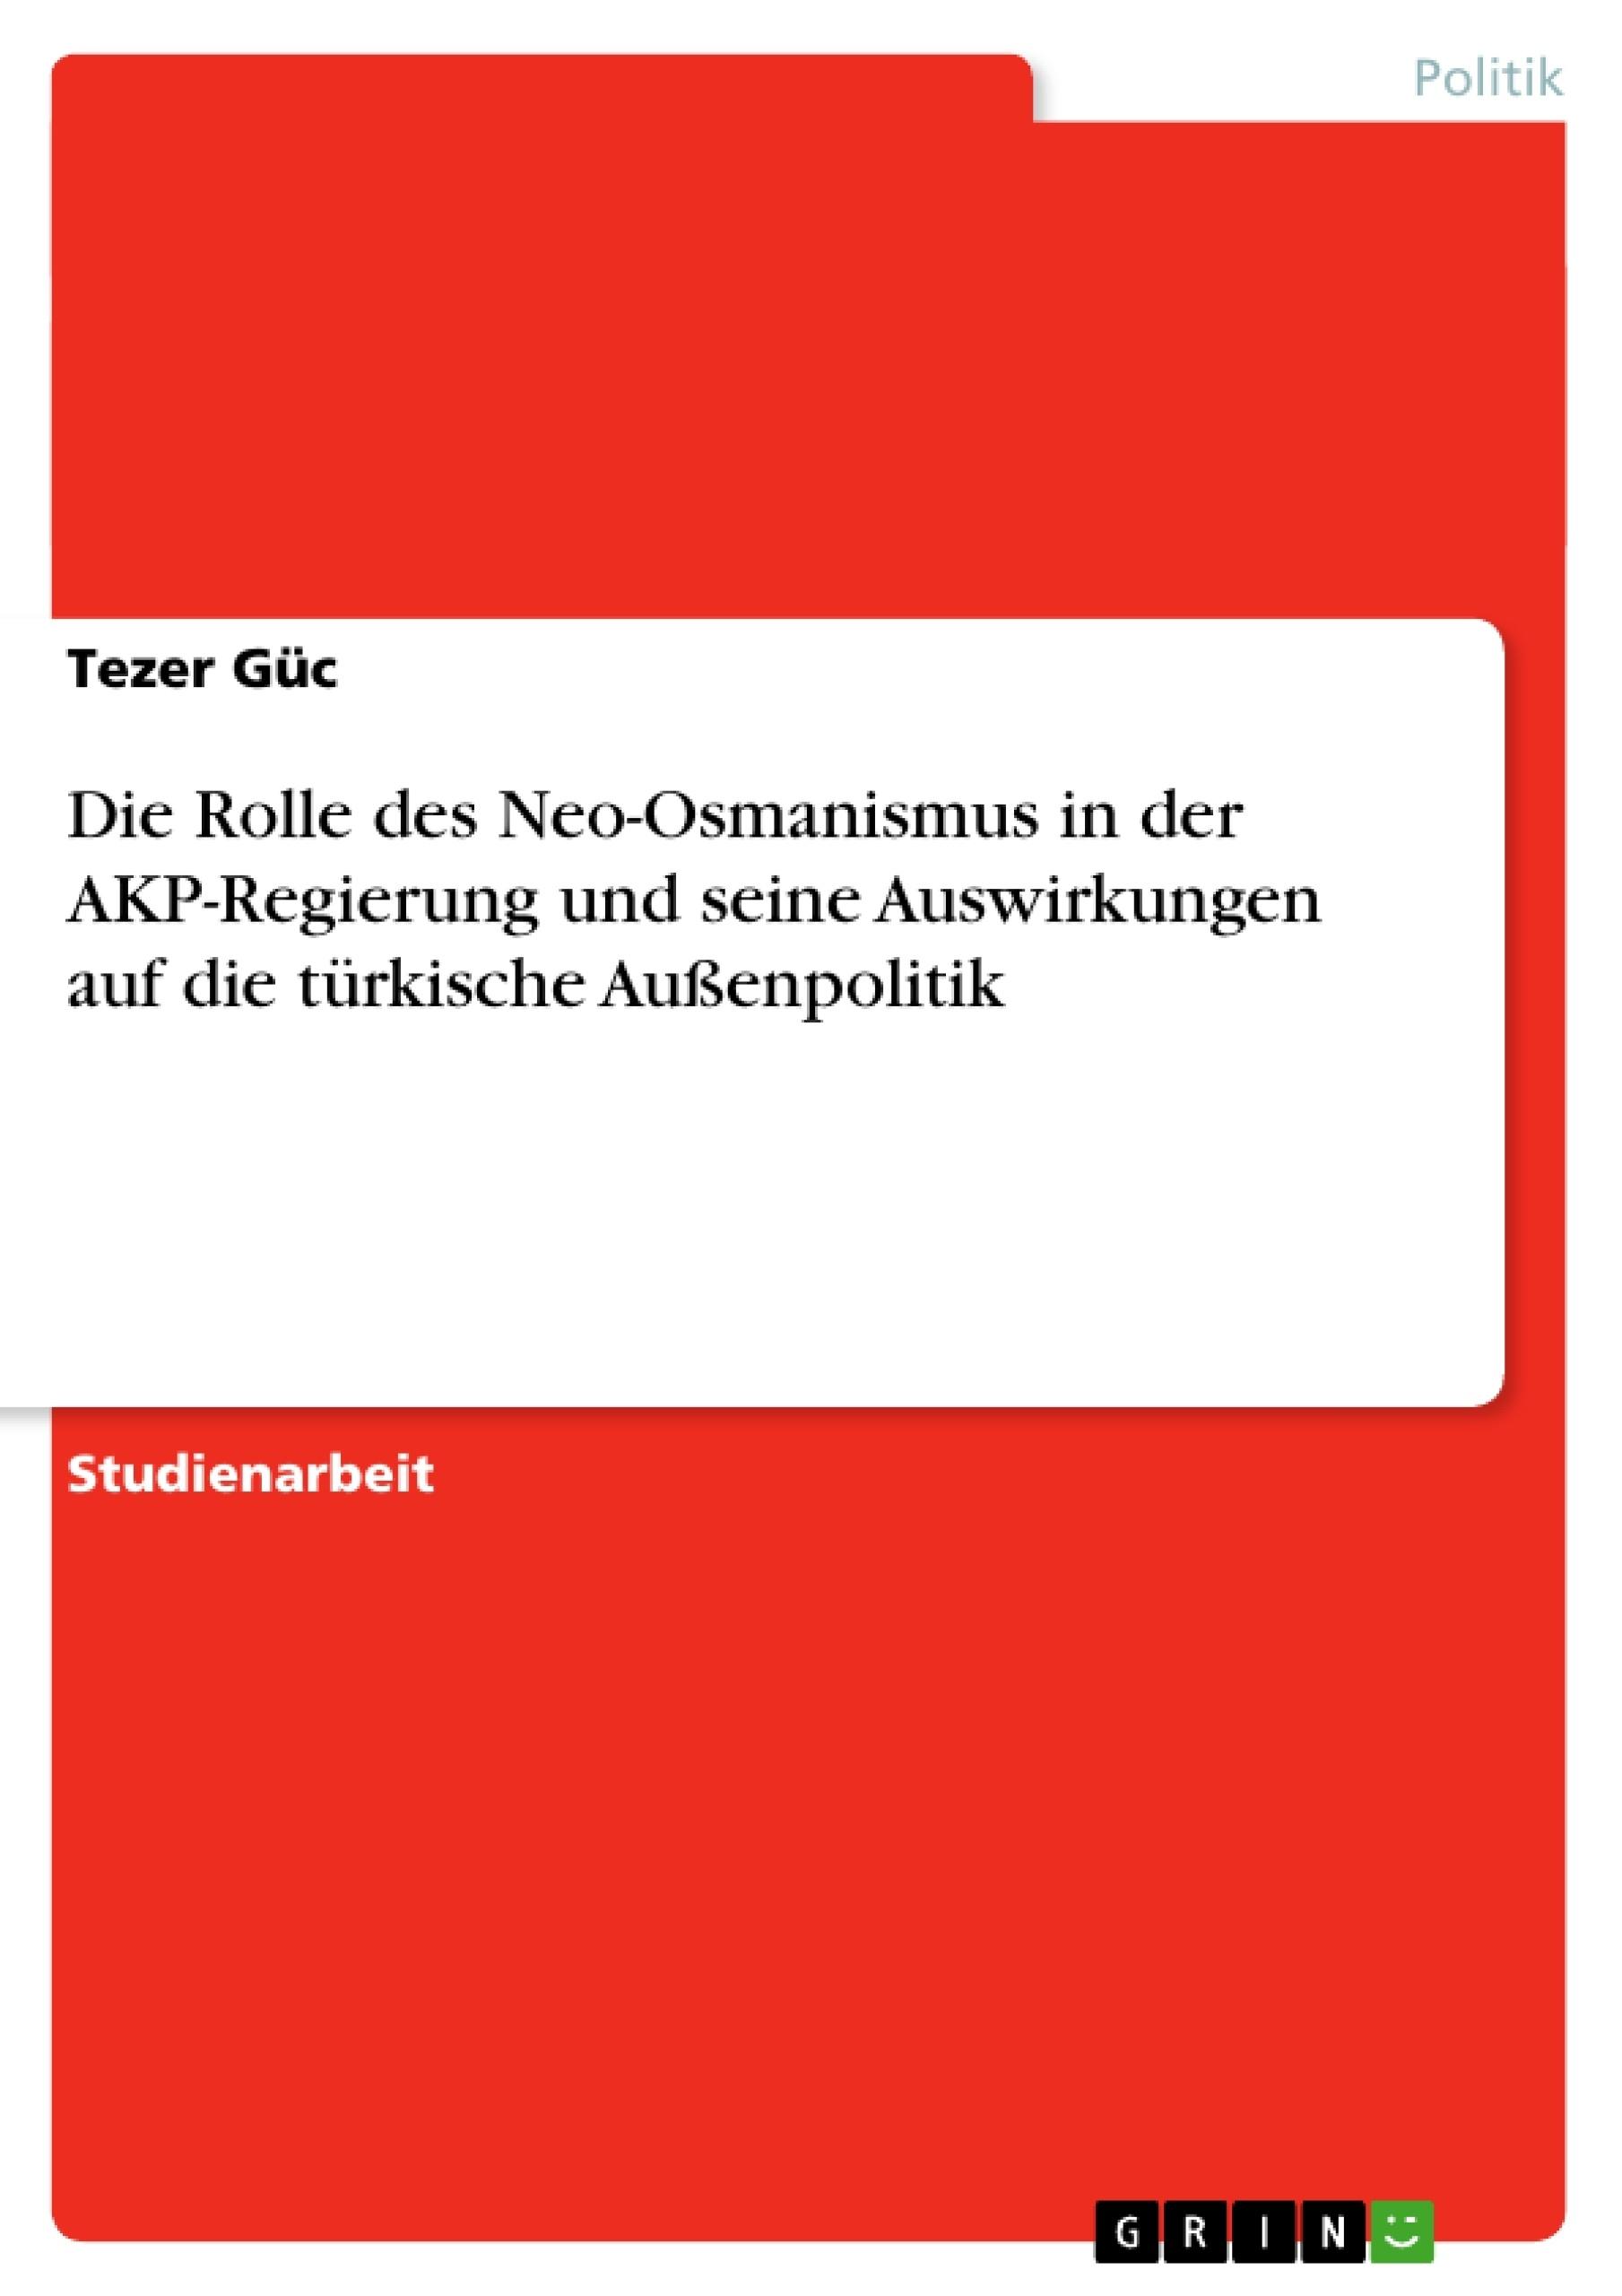 Titel: Die Rolle des Neo-Osmanismus in der AKP-Regierung und seine Auswirkungen auf die türkische Außenpolitik